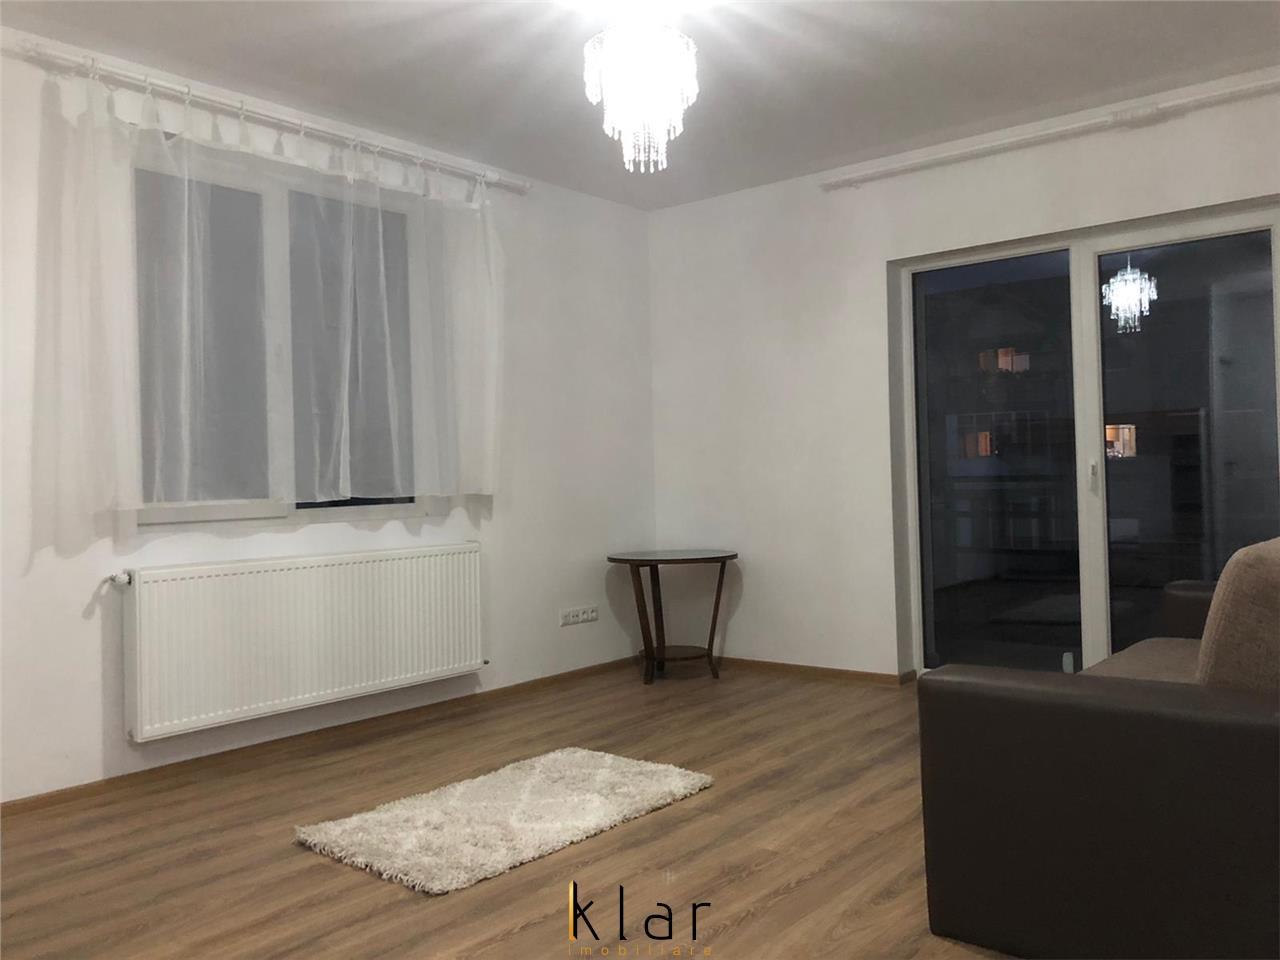 Inchiriere apartament 2 camere, DECOMANDAT, parcare, zona Florilor!